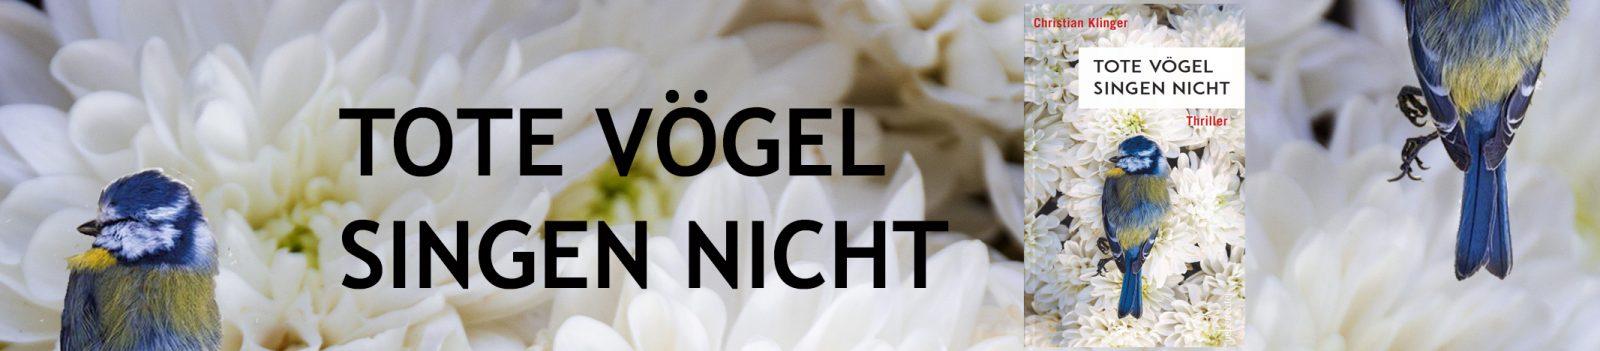 ToteVoegel_Slider